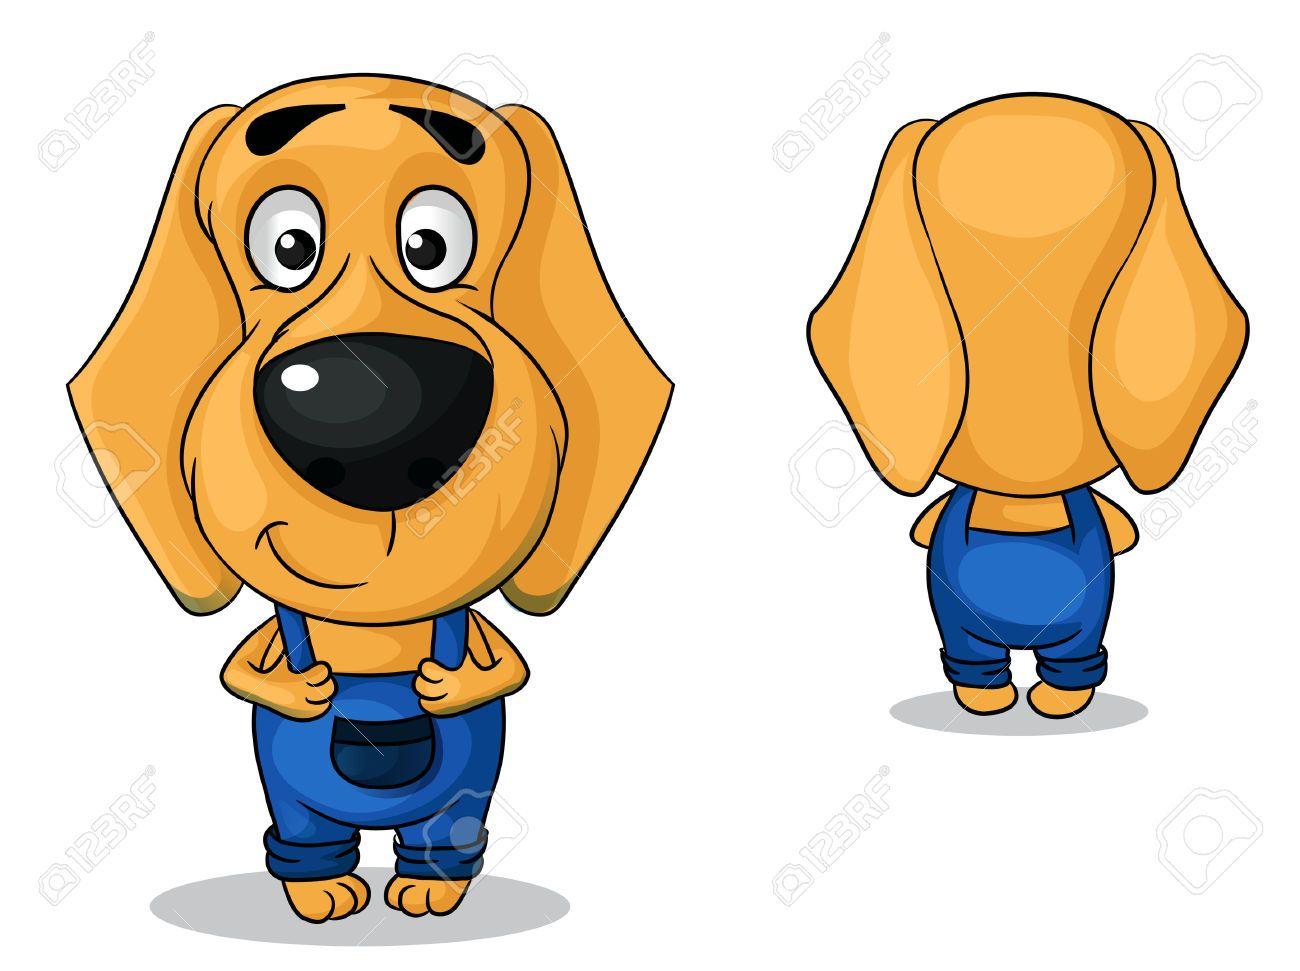 картинки собачек мультяшных